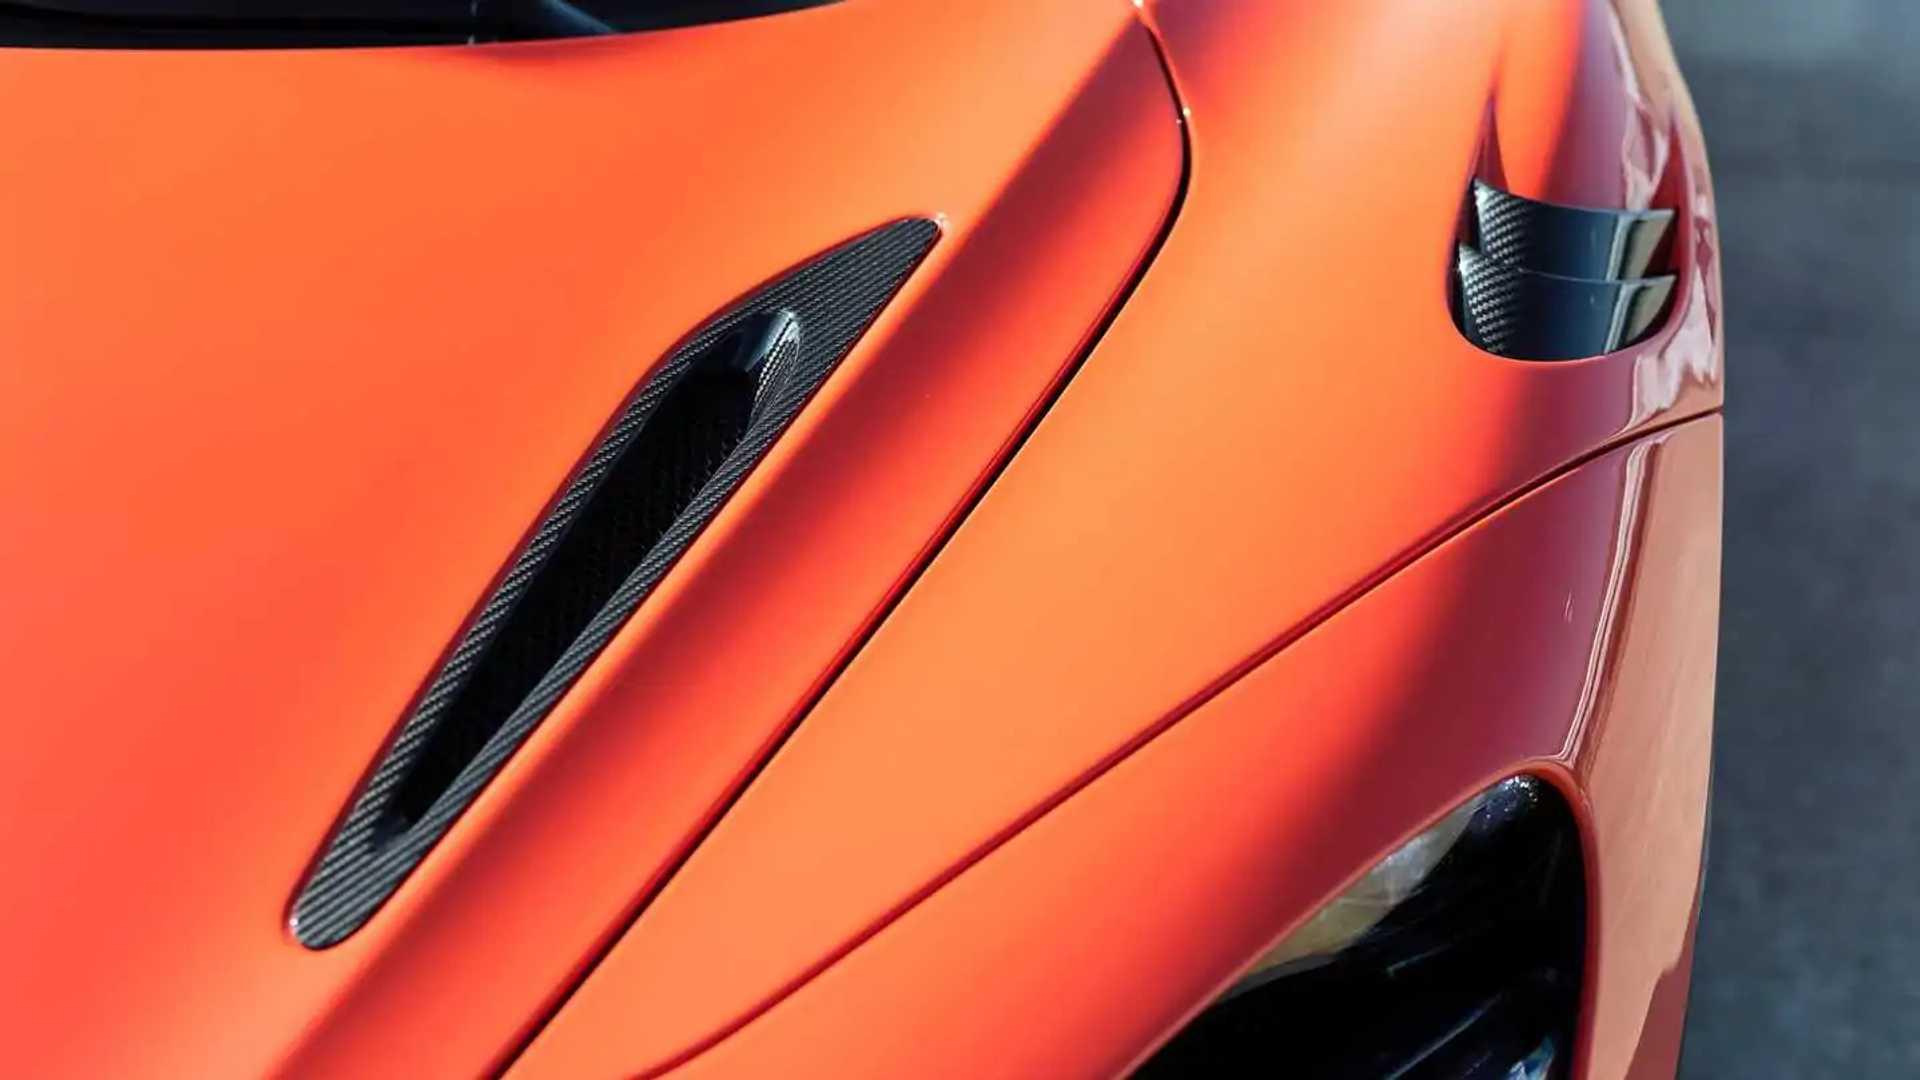 2021 McLaren 765LT bodywork